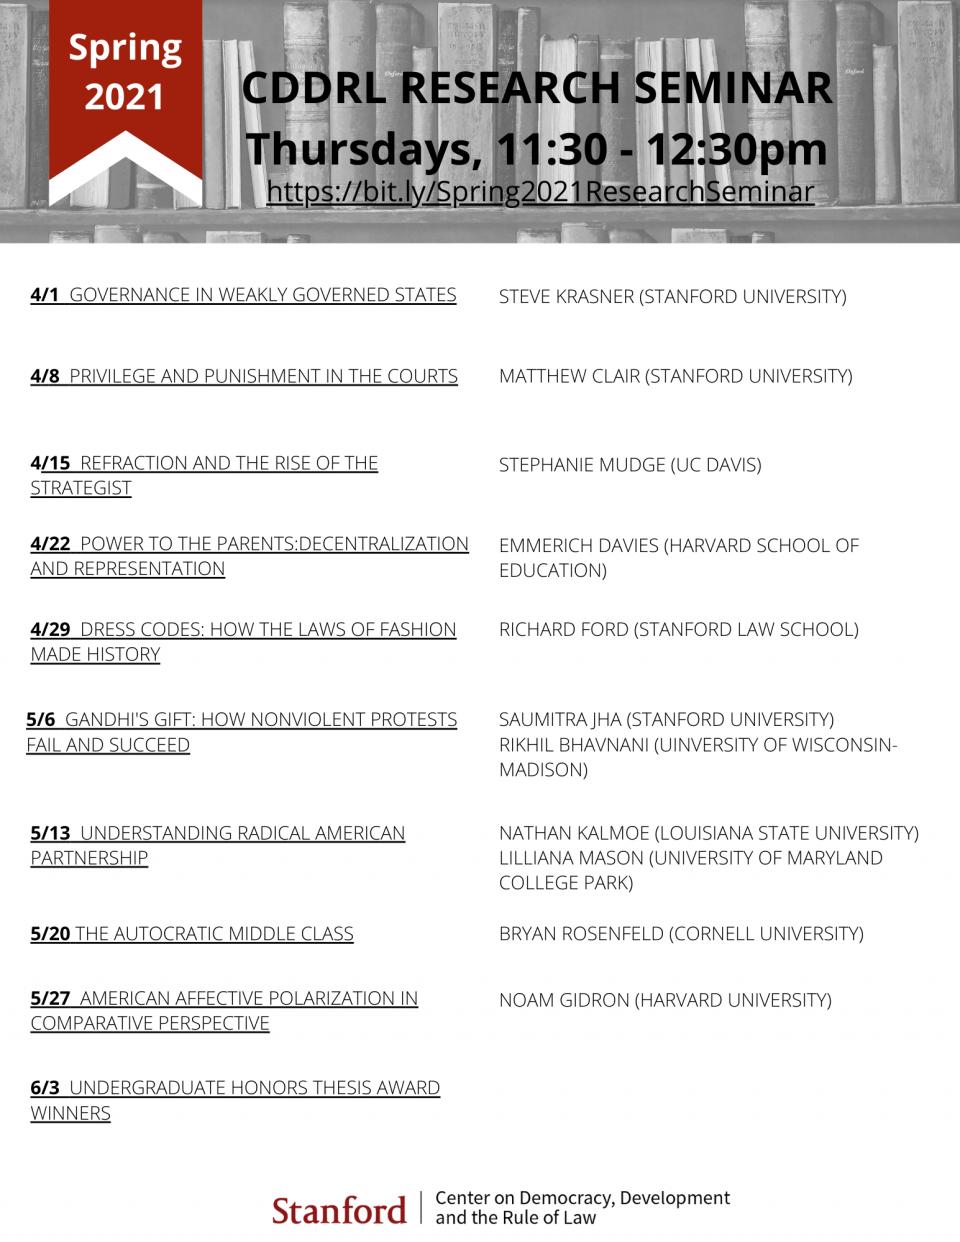 Spring 2021 CDDRL Seminar schedule